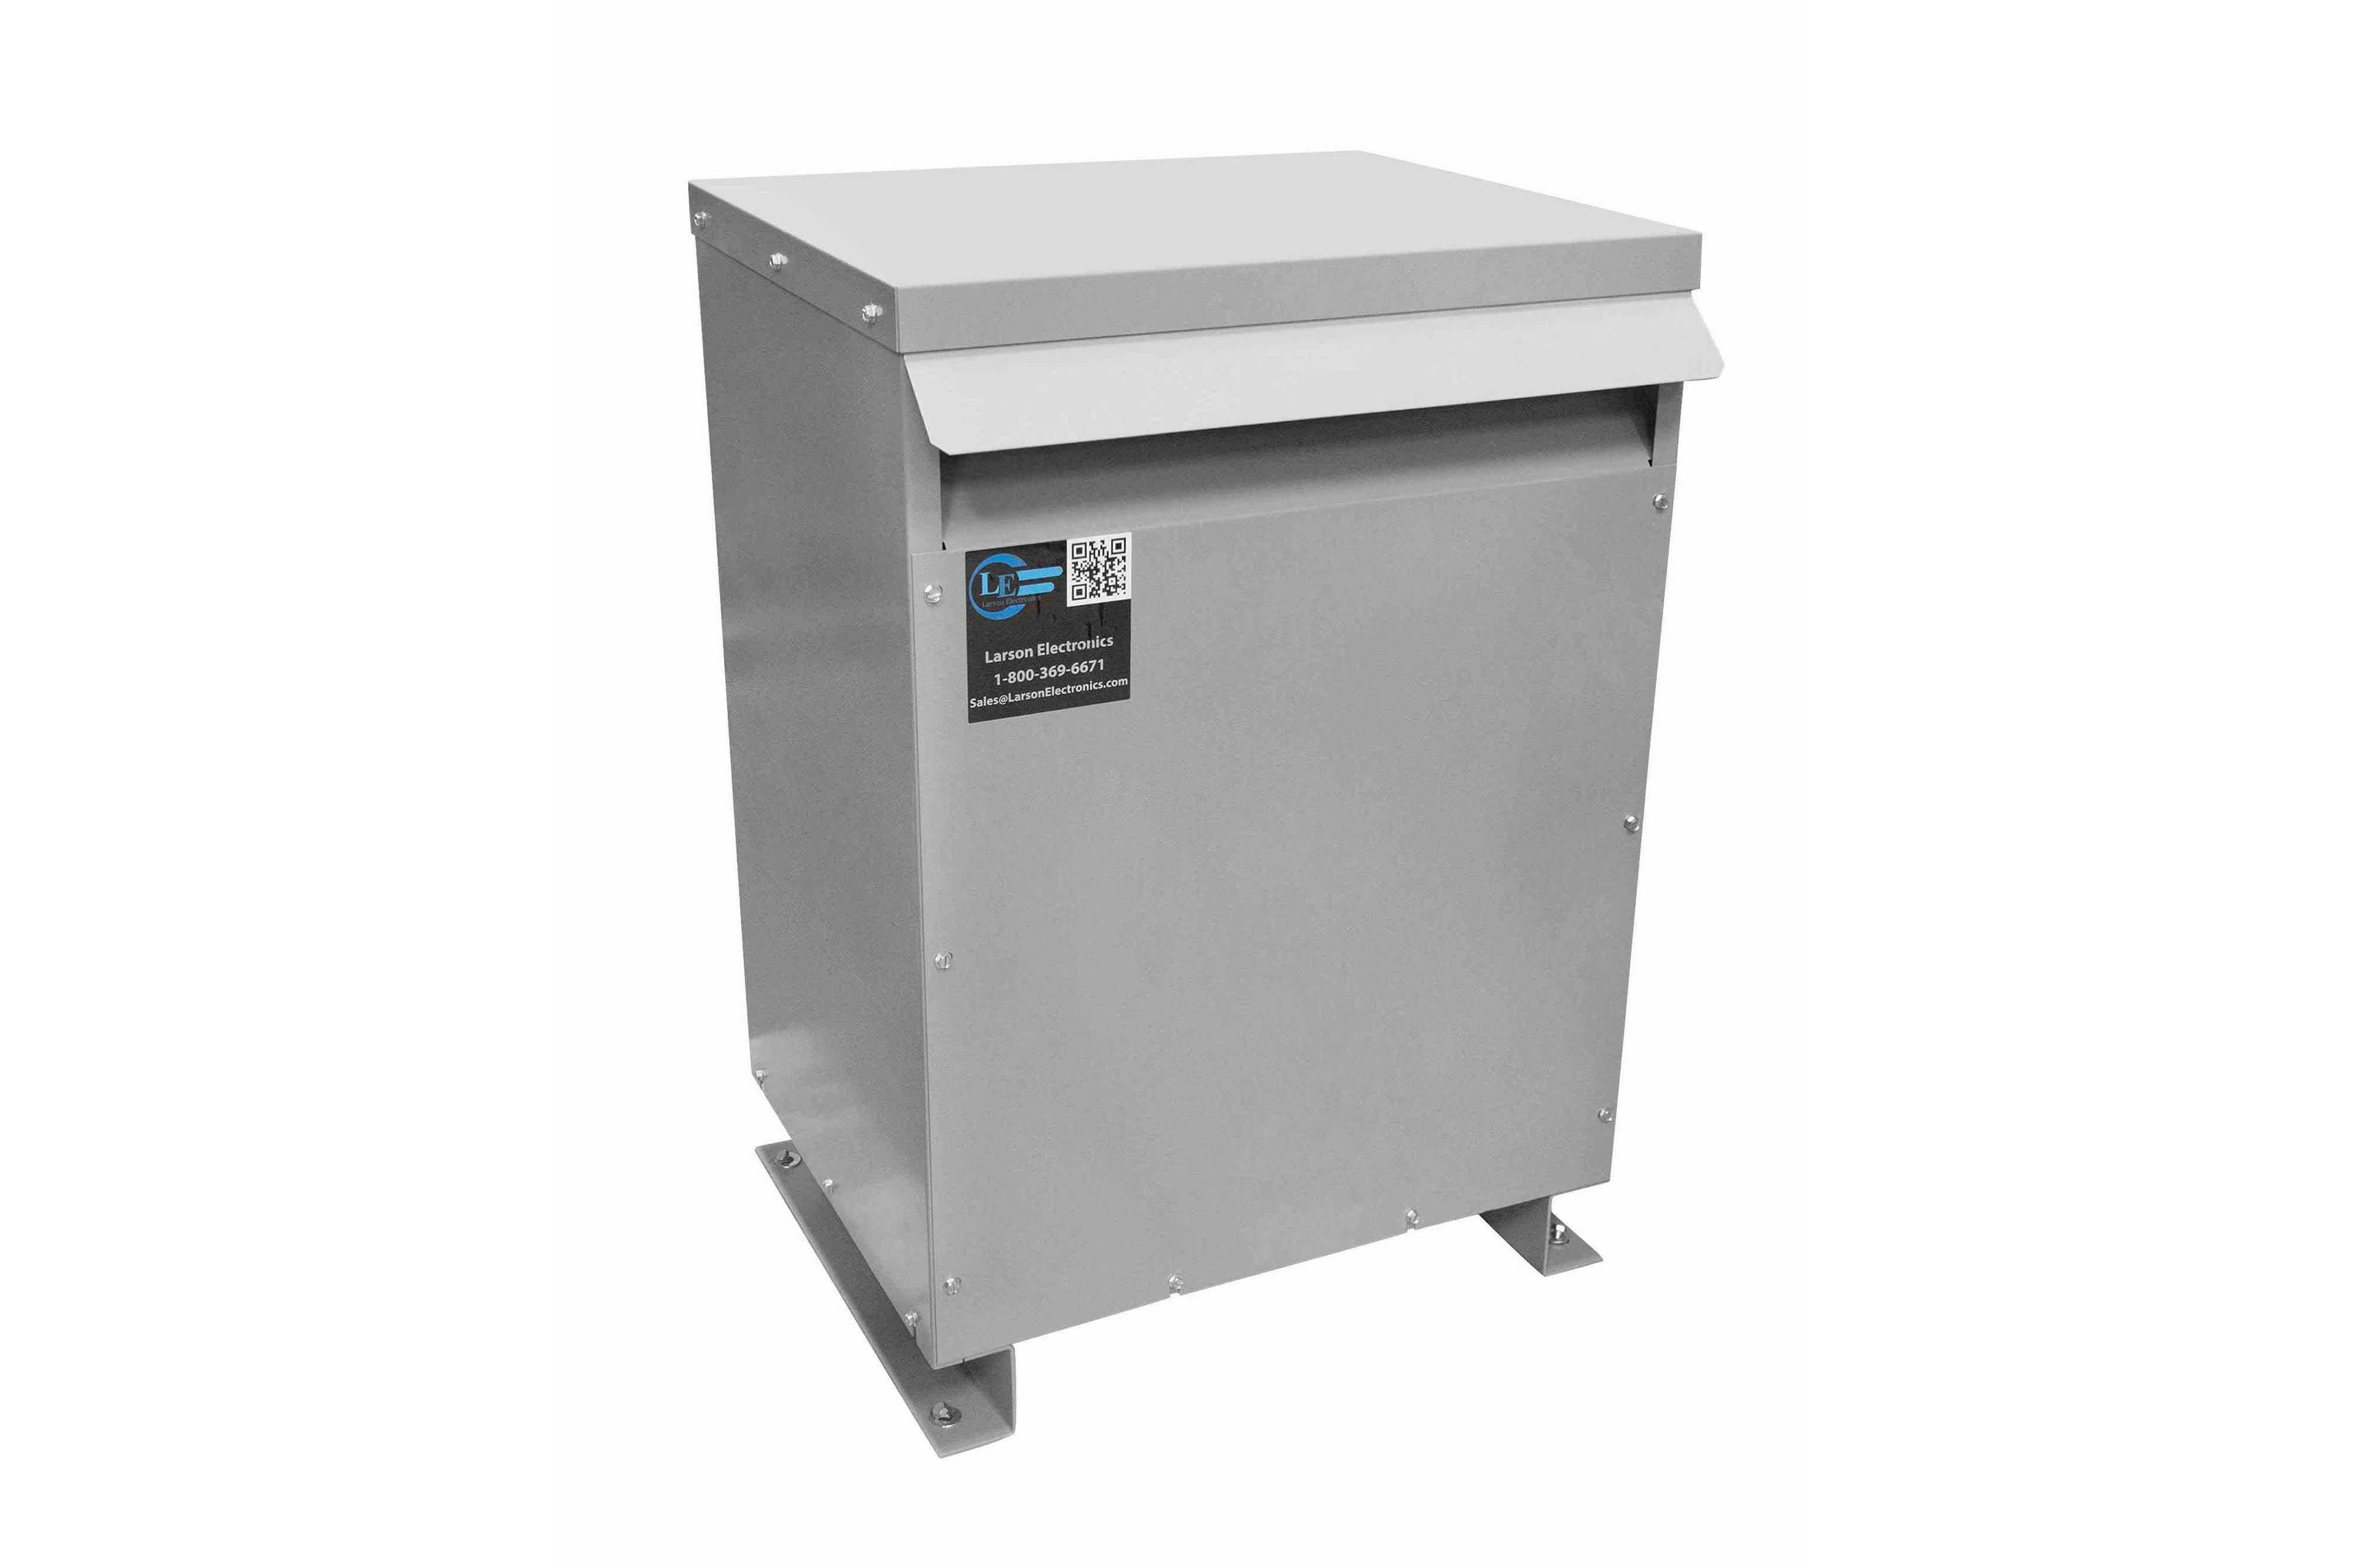 237.5 kVA 3PH Isolation Transformer, 575V Delta Primary, 400V Delta Secondary, N3R, Ventilated, 60 Hz